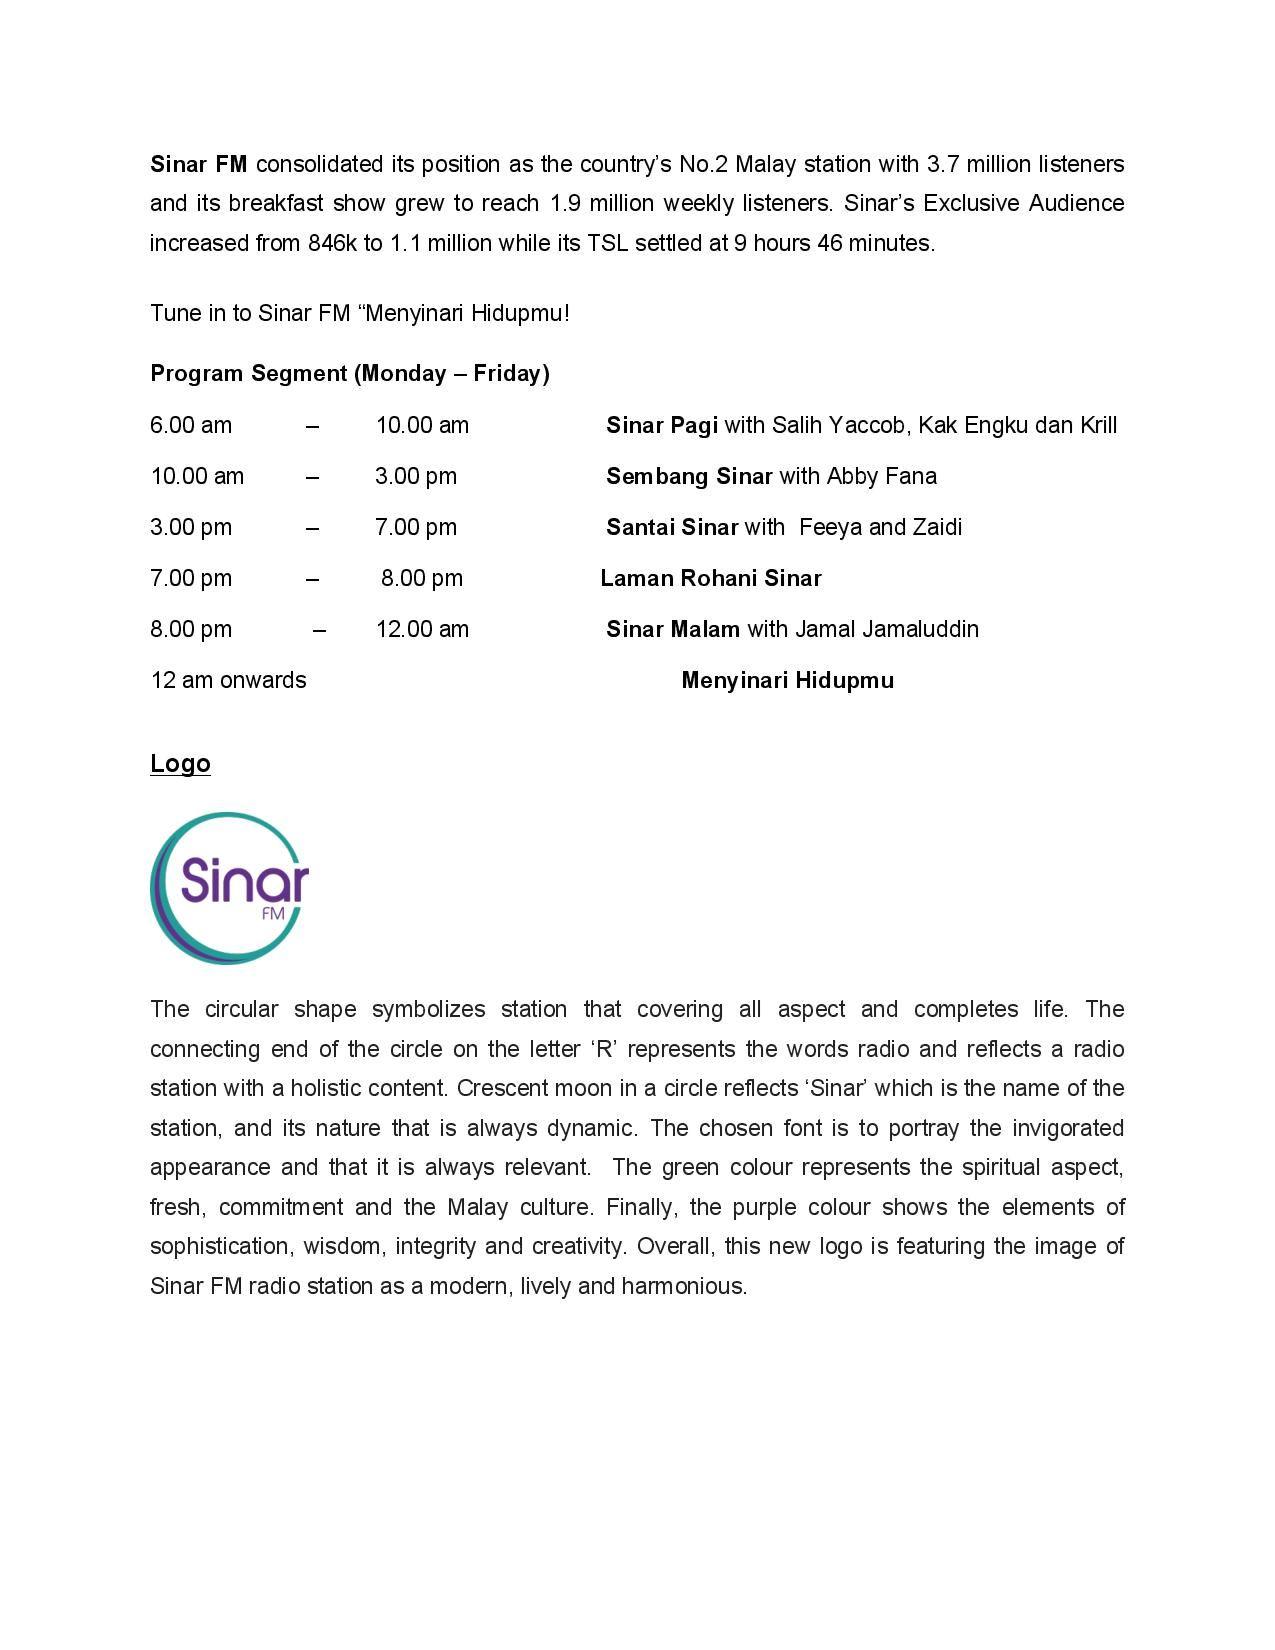 Press Release on Sinar FM's Rebrandin